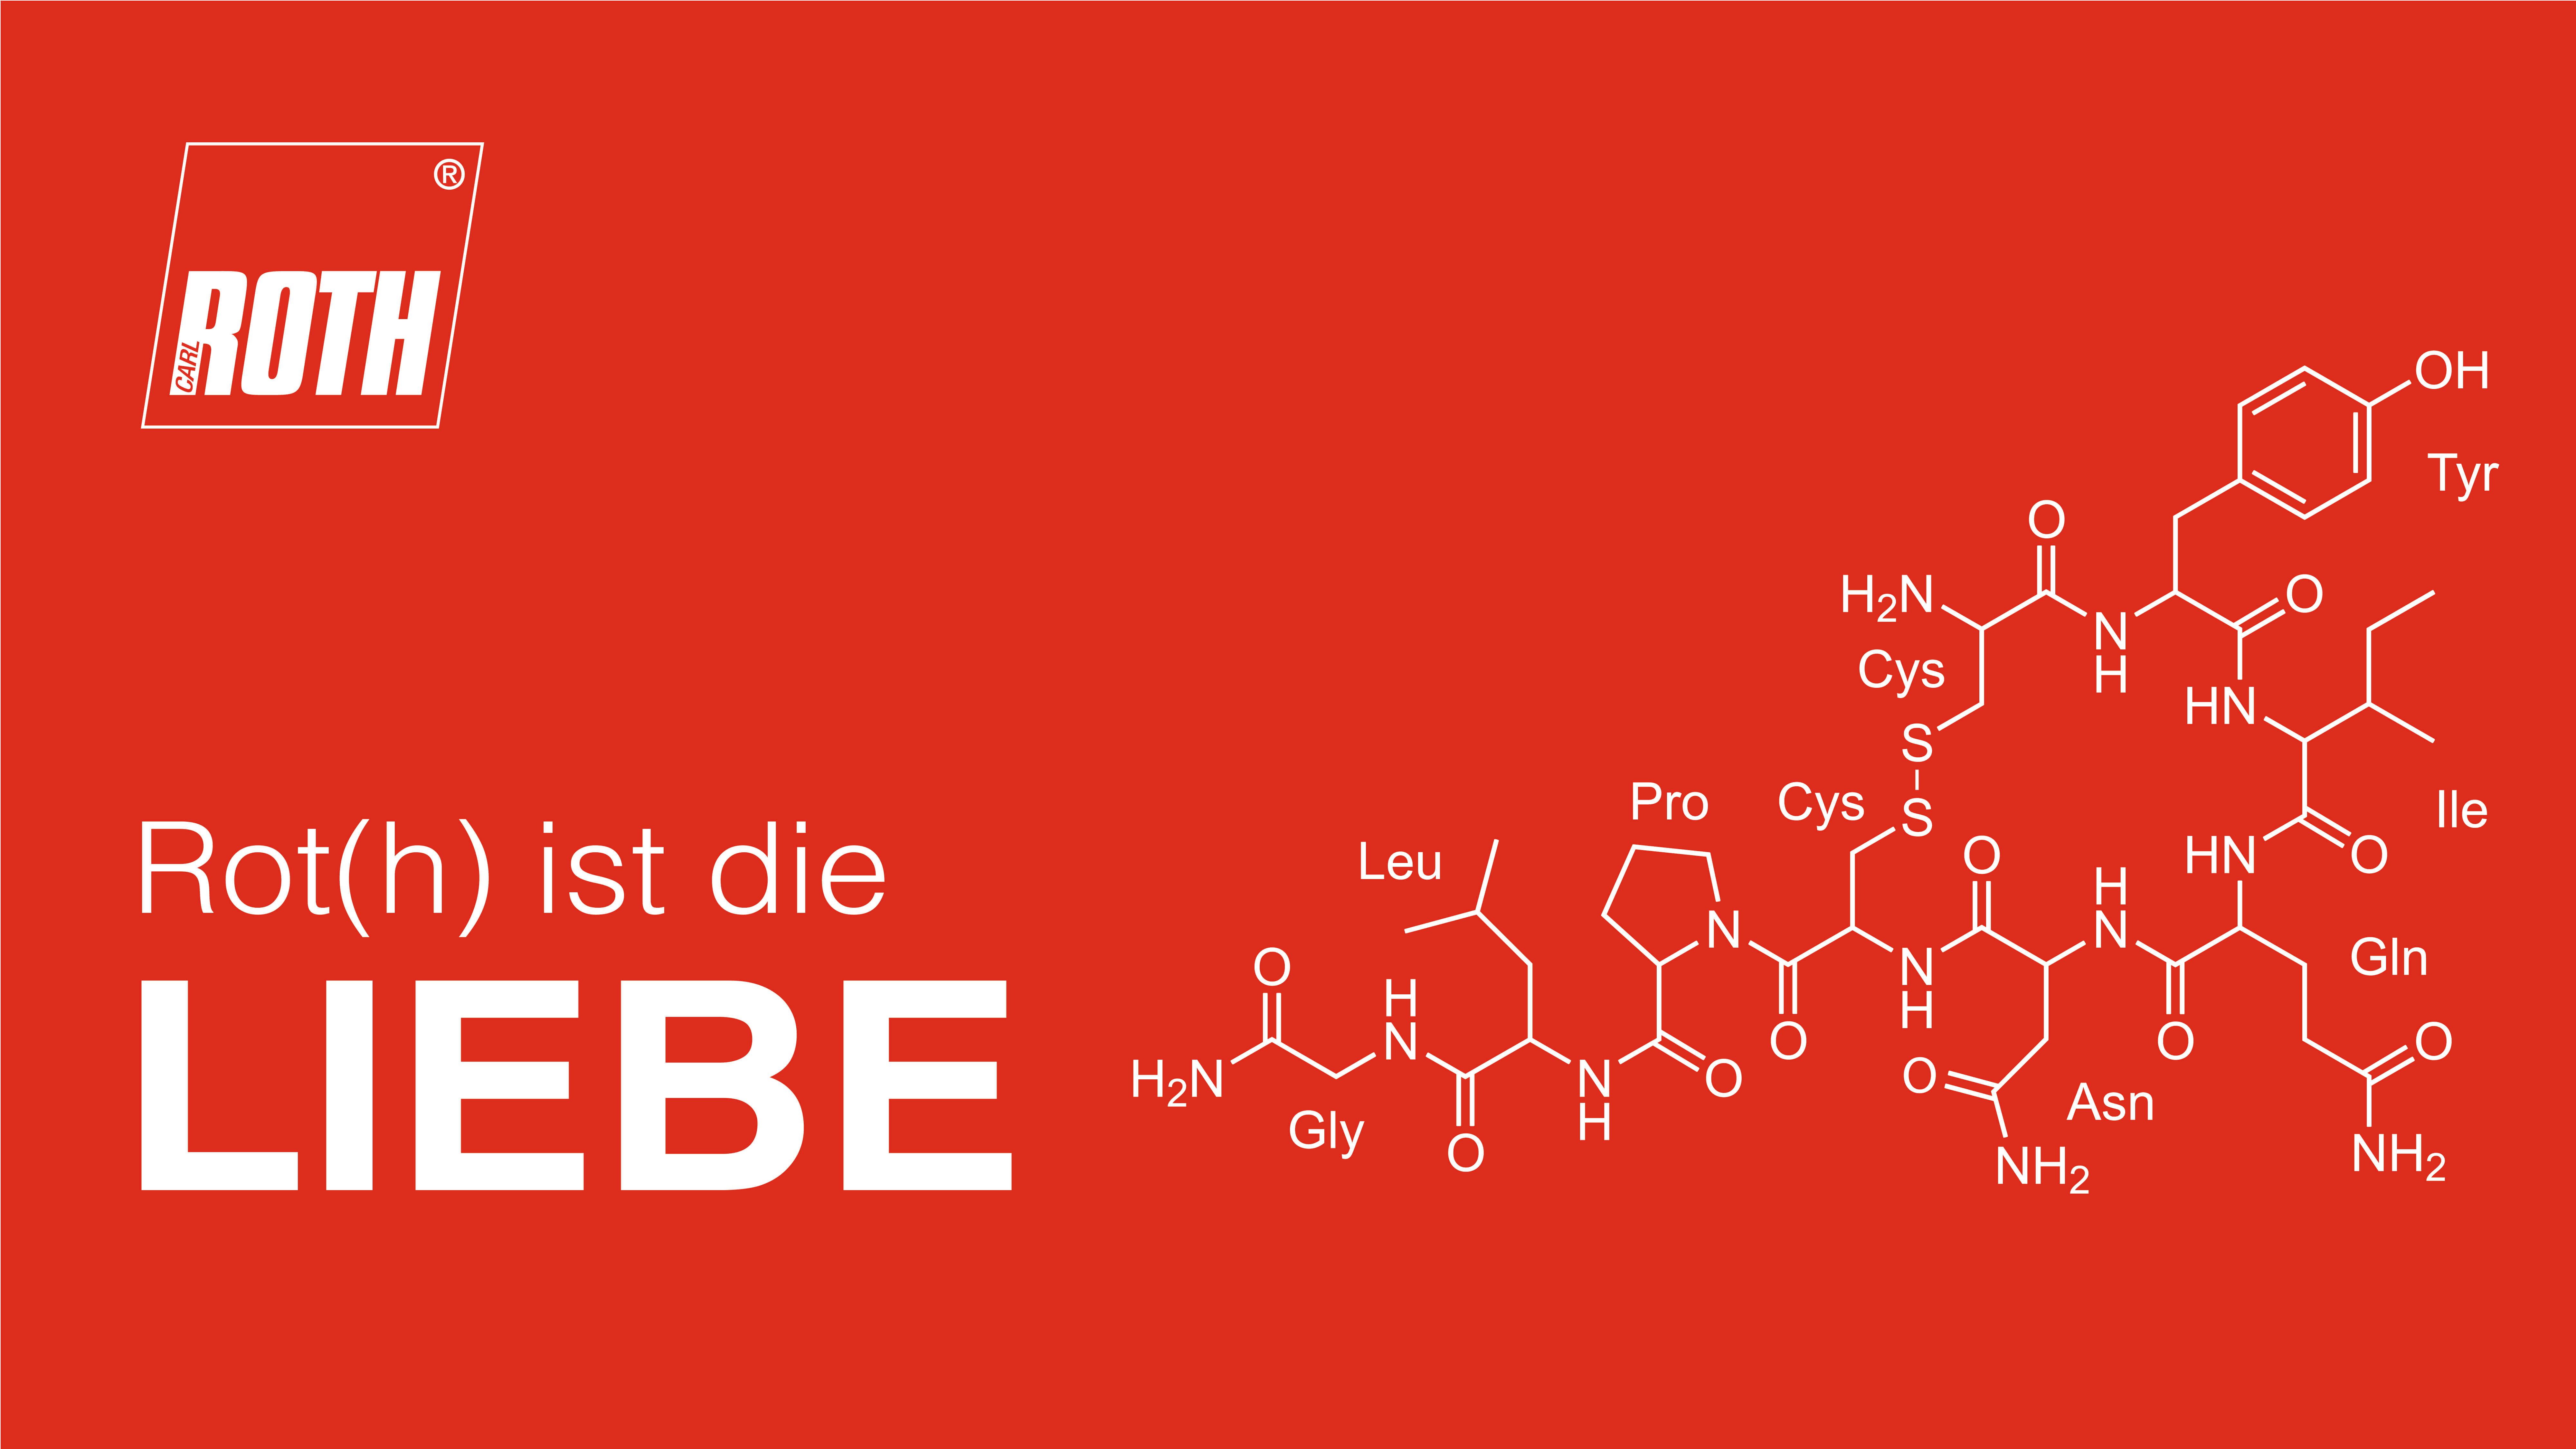 Carl-Roth-Chemie-stimmt-Valentinstag-2018-Liebe